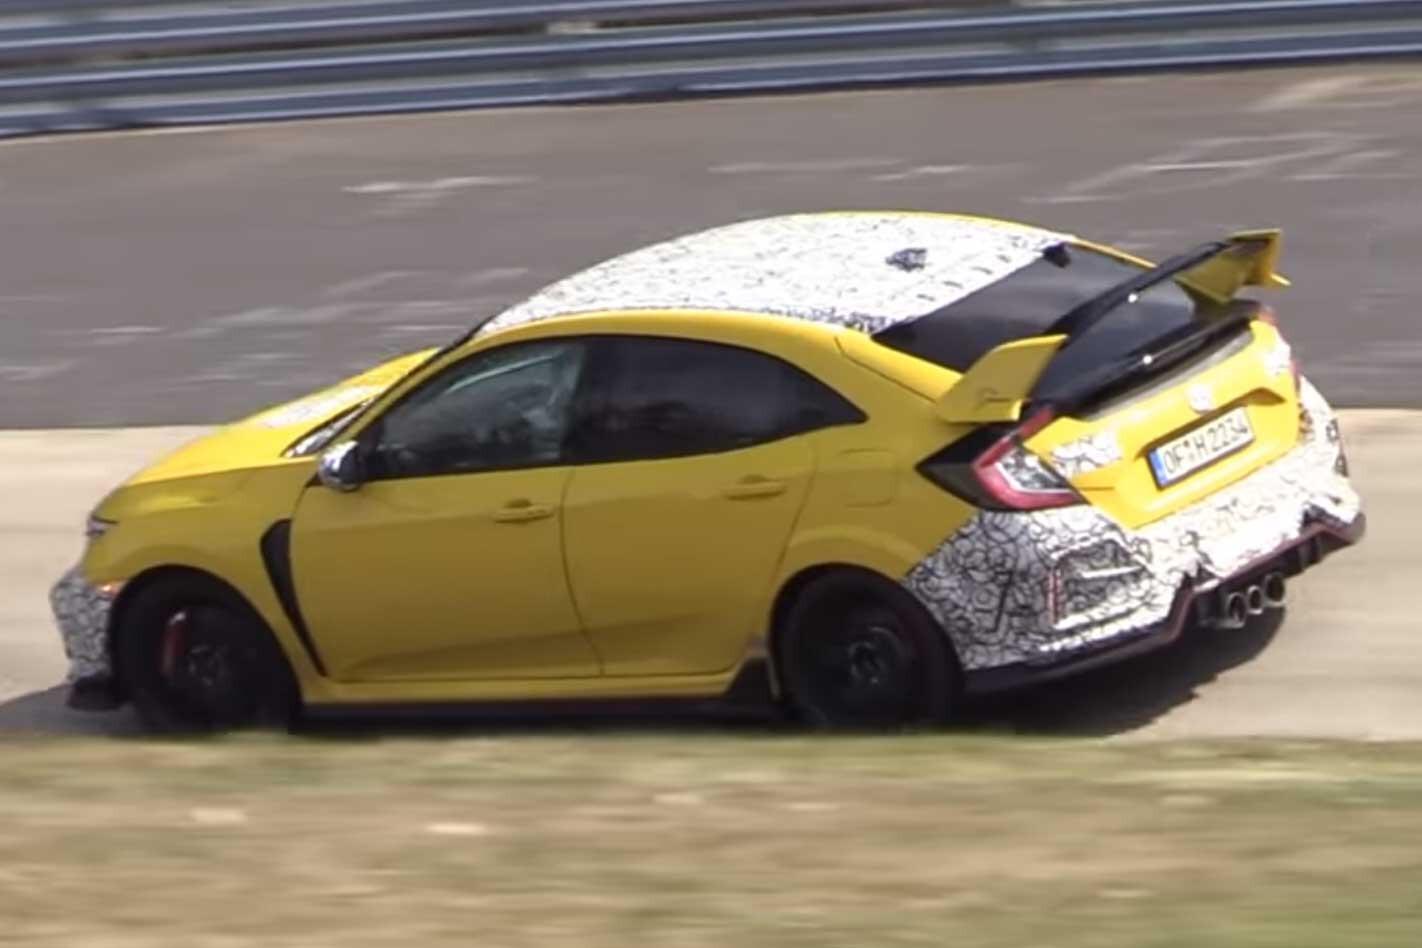 2020 Honda Civic Type R Nurburgring Spy Footage Rear Jpg